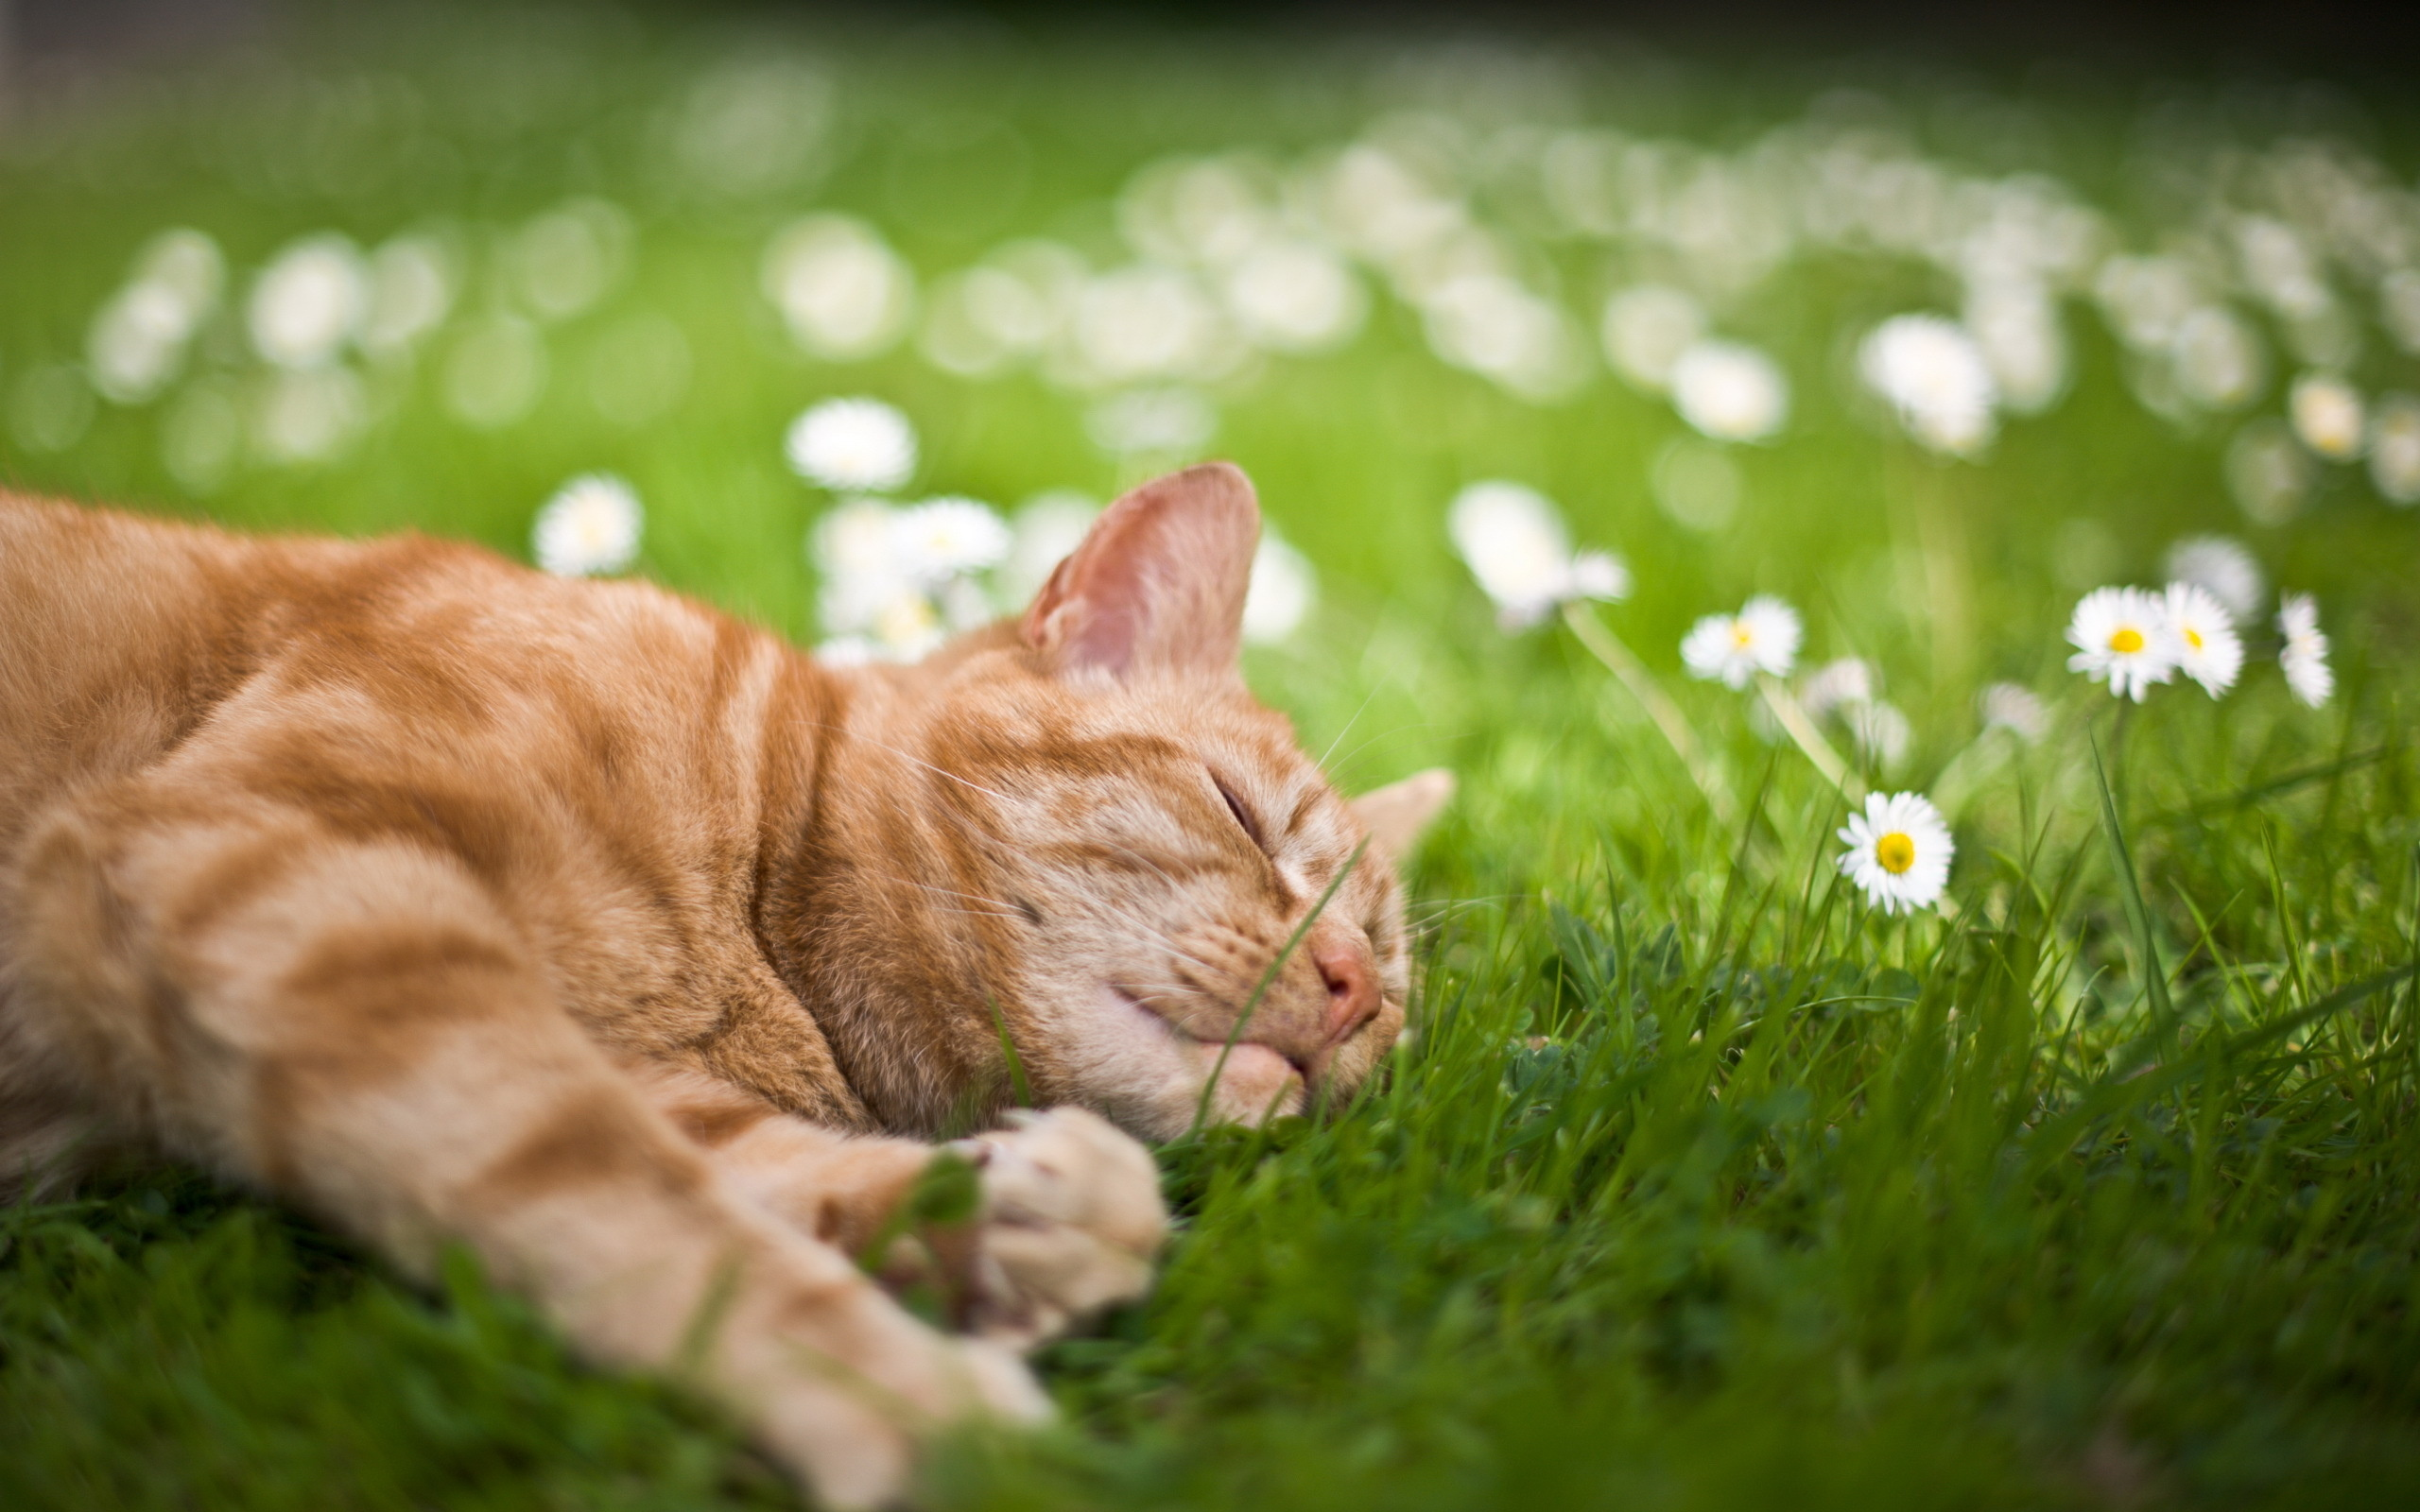 Котенок на траве  № 2959595 загрузить